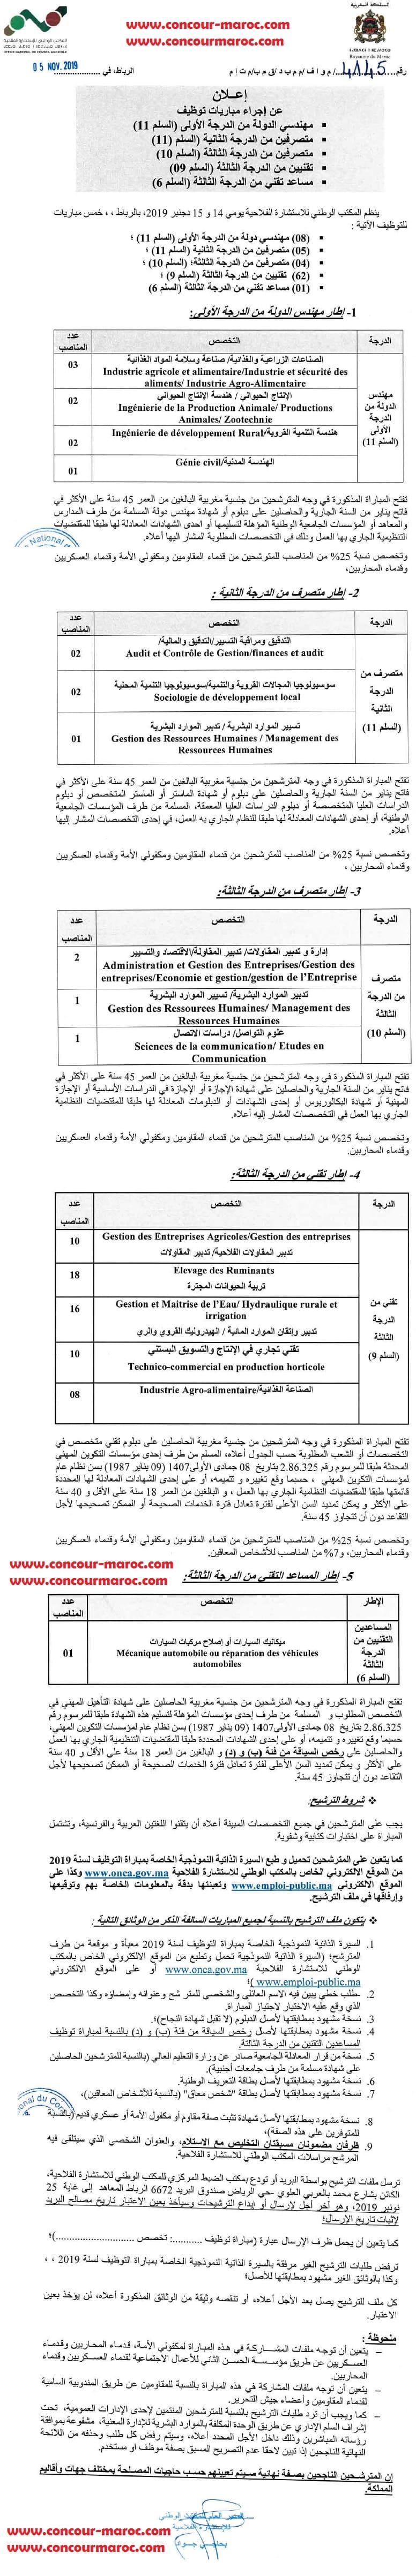 المكتب الوطني للإستشارة الفلاحية : مباراة لتوظيف 80 منصب في مختلف الدرجات و التخصصات آخر أجل لإيداع الترشيحات 25 نونبر 2019 Aaaoo_44